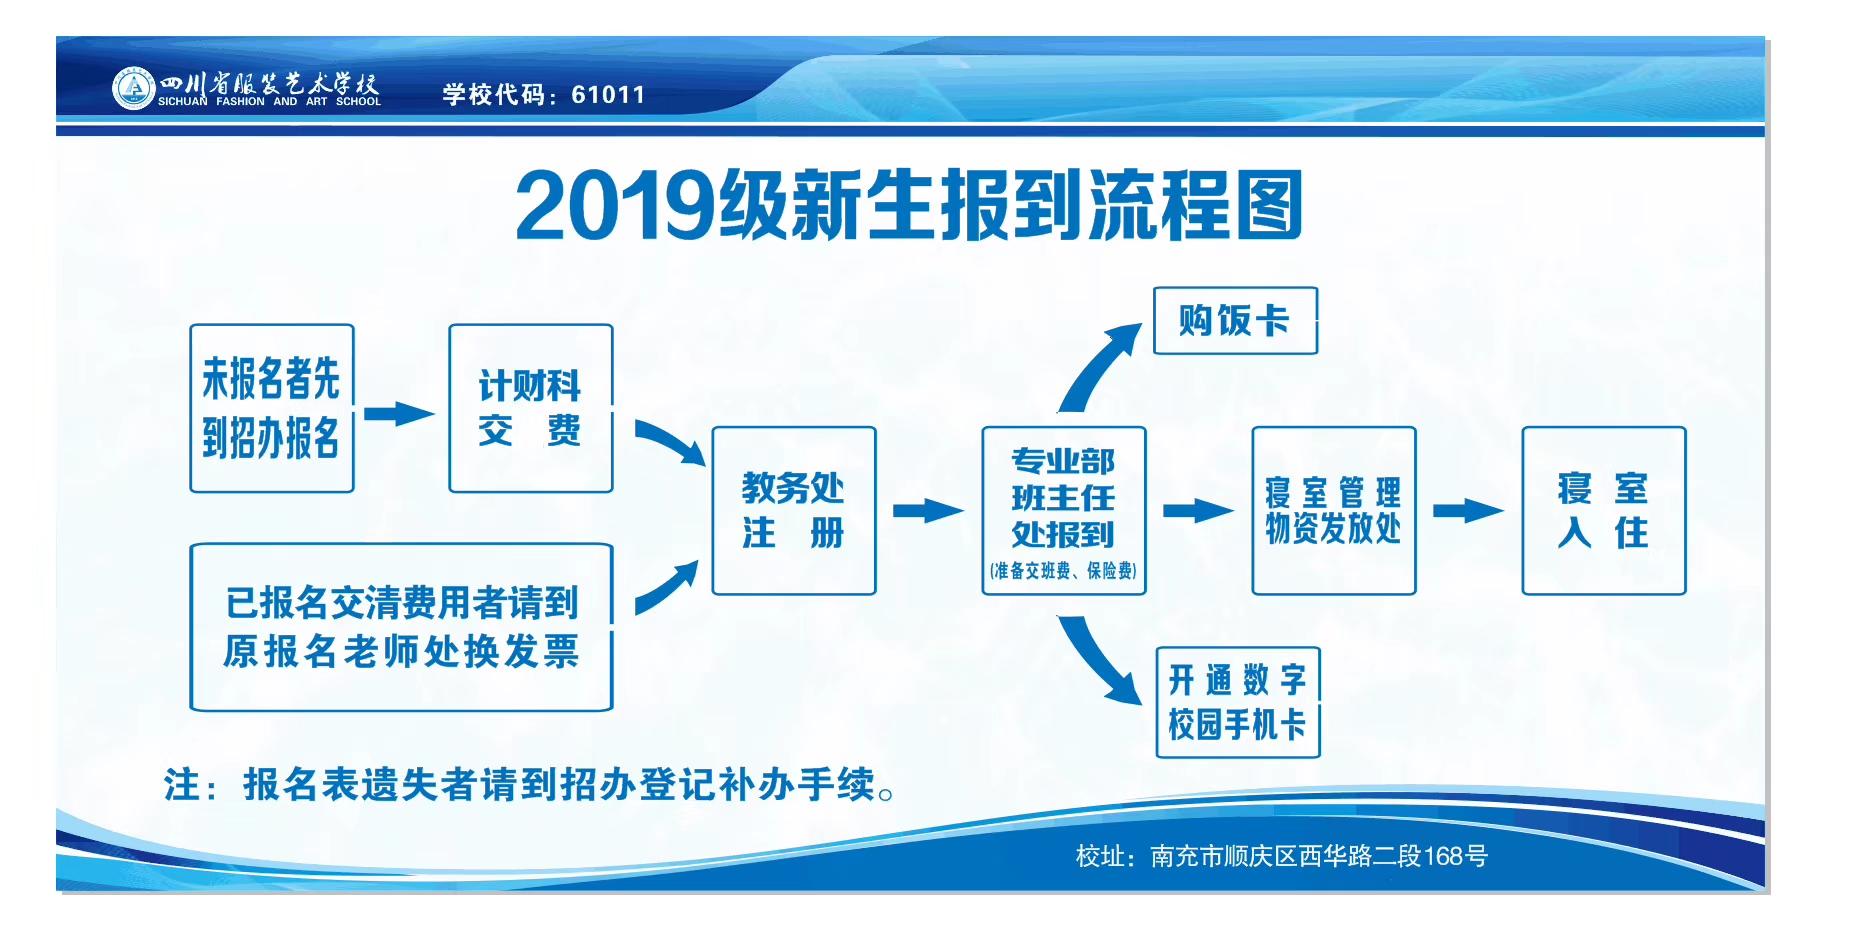 同学请留意!四川省服装艺术学校2019年新生报到流程出炉